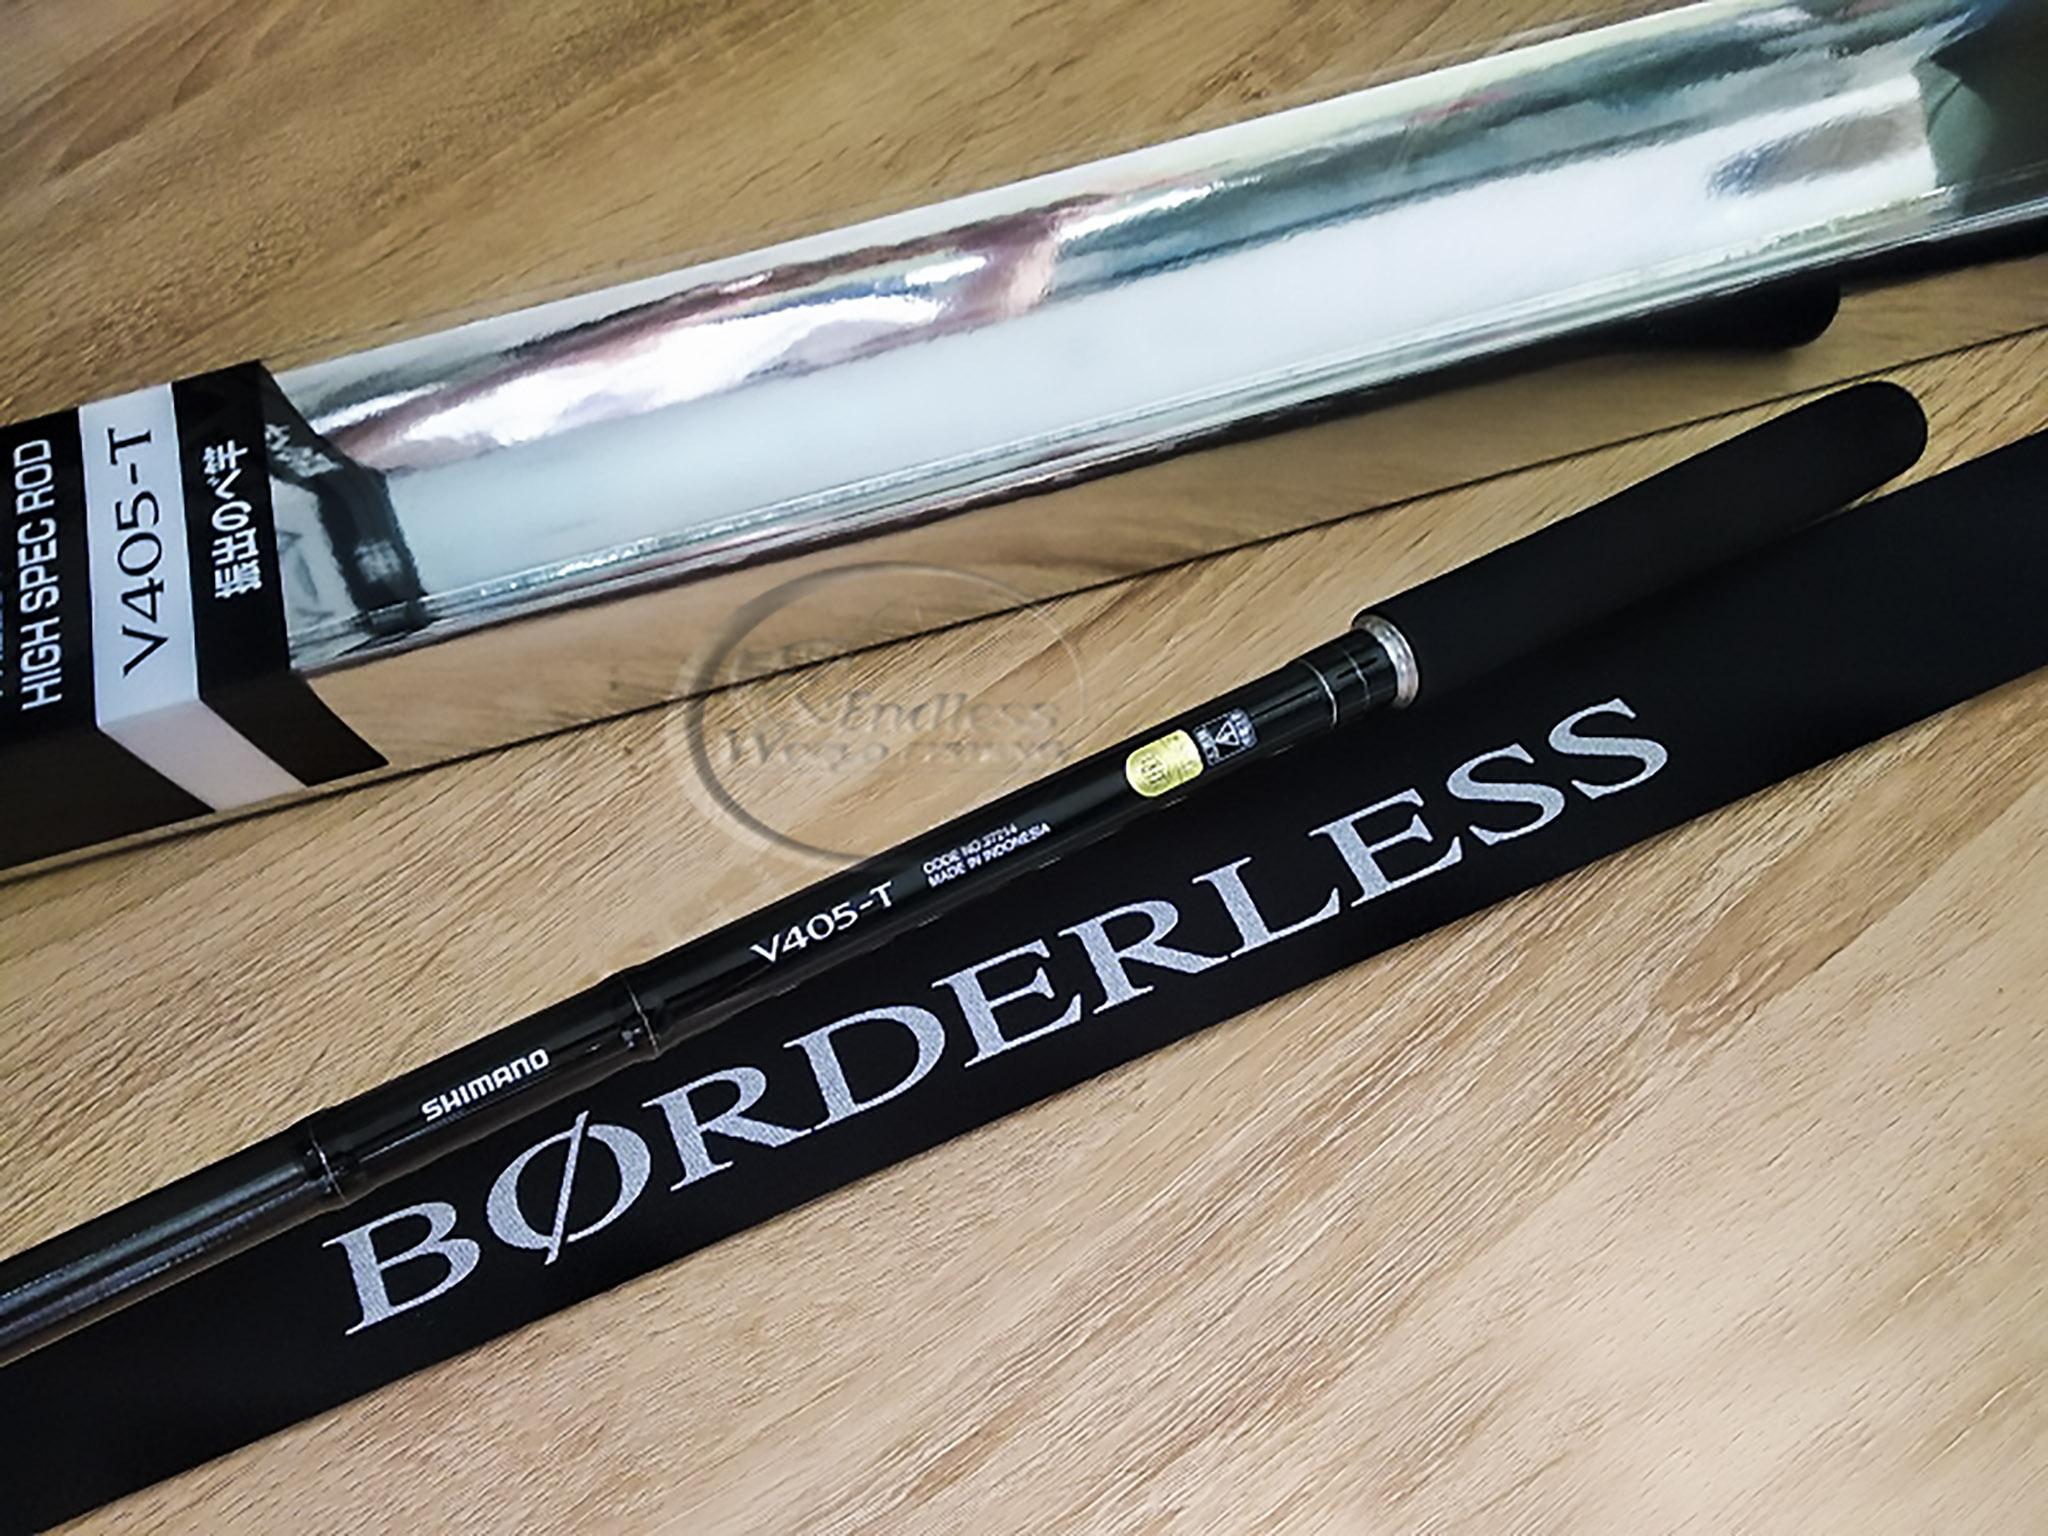 BORDERLESS V360-T